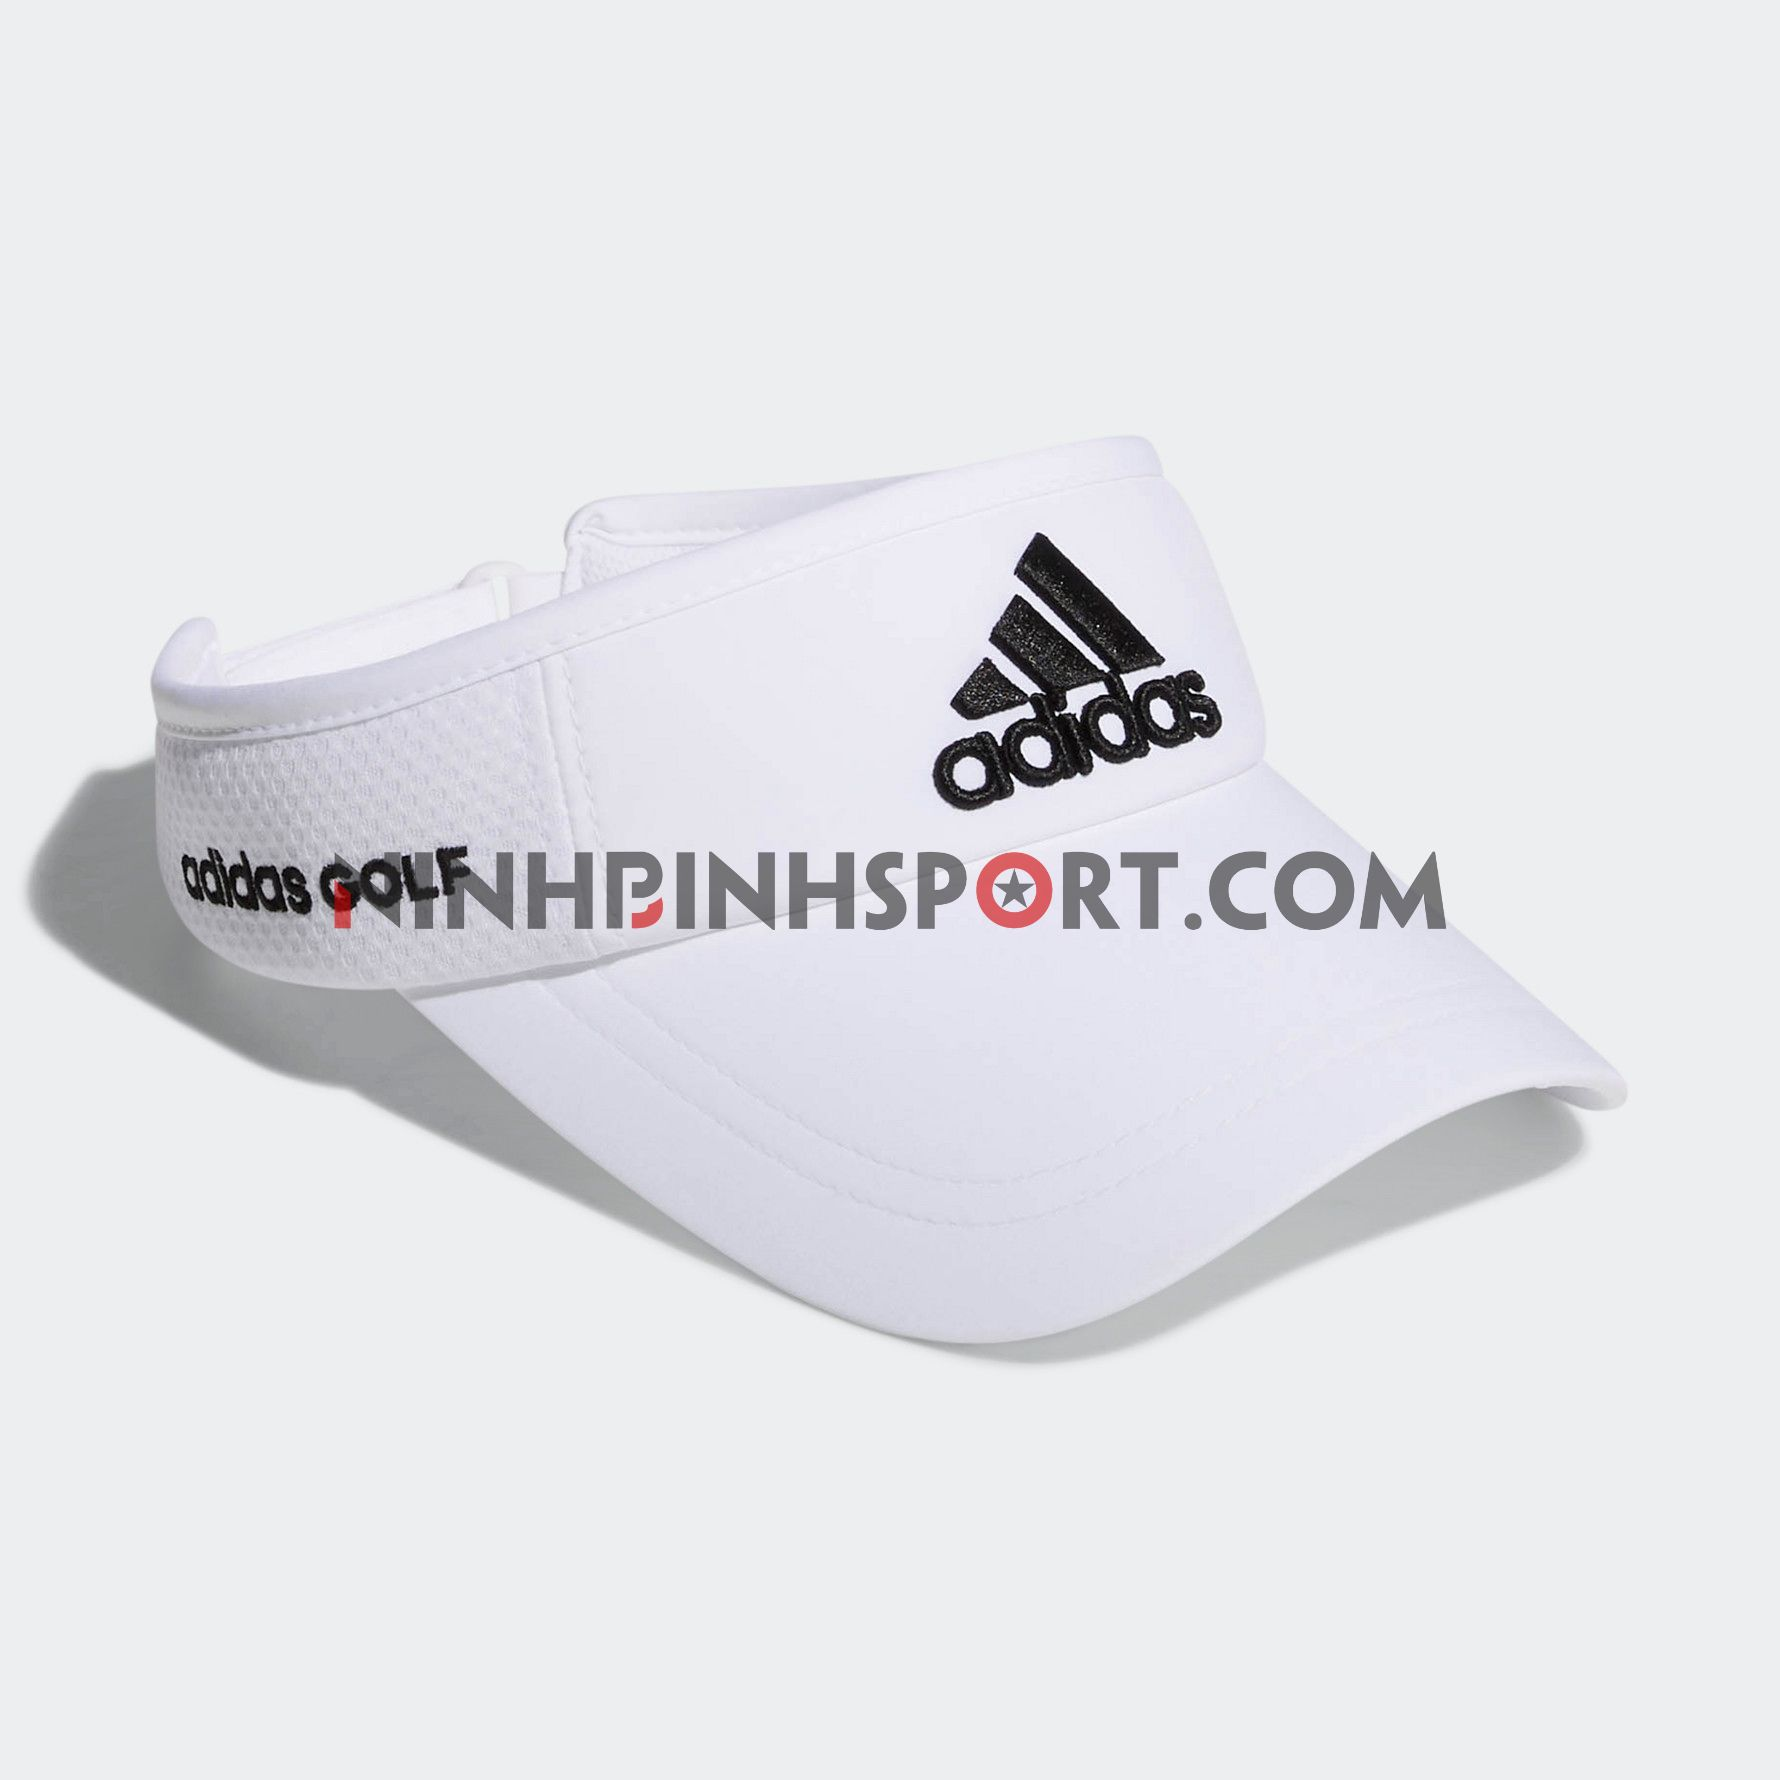 Mũ thể thao Adidas Tour Visor - White CK7229